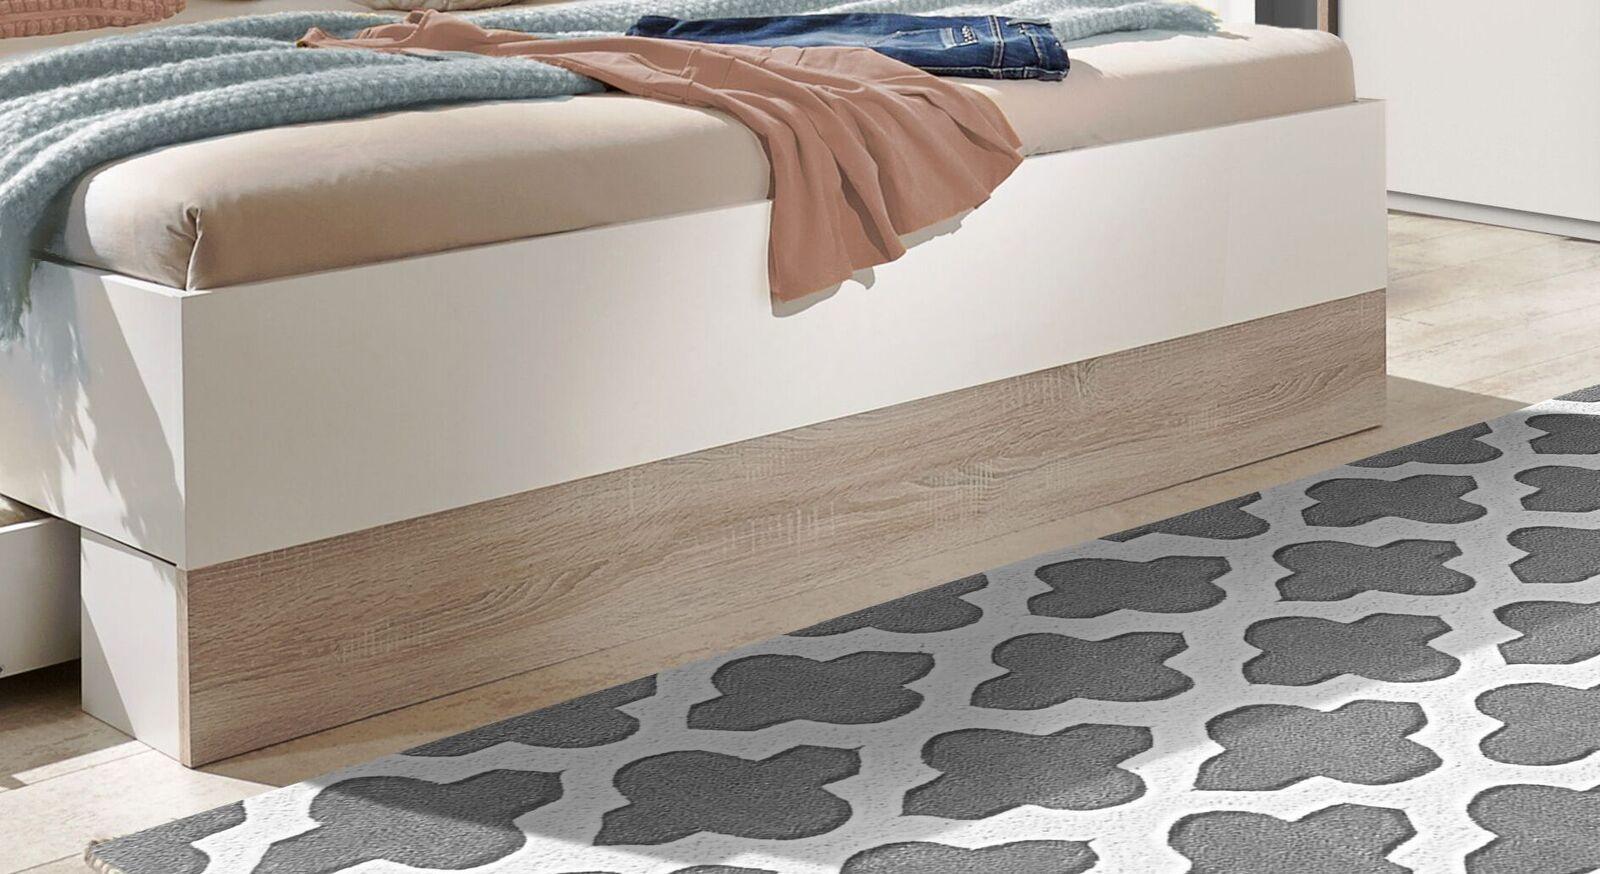 Schubkasten-Bett Kormoran mit Fußblende im Absetzton